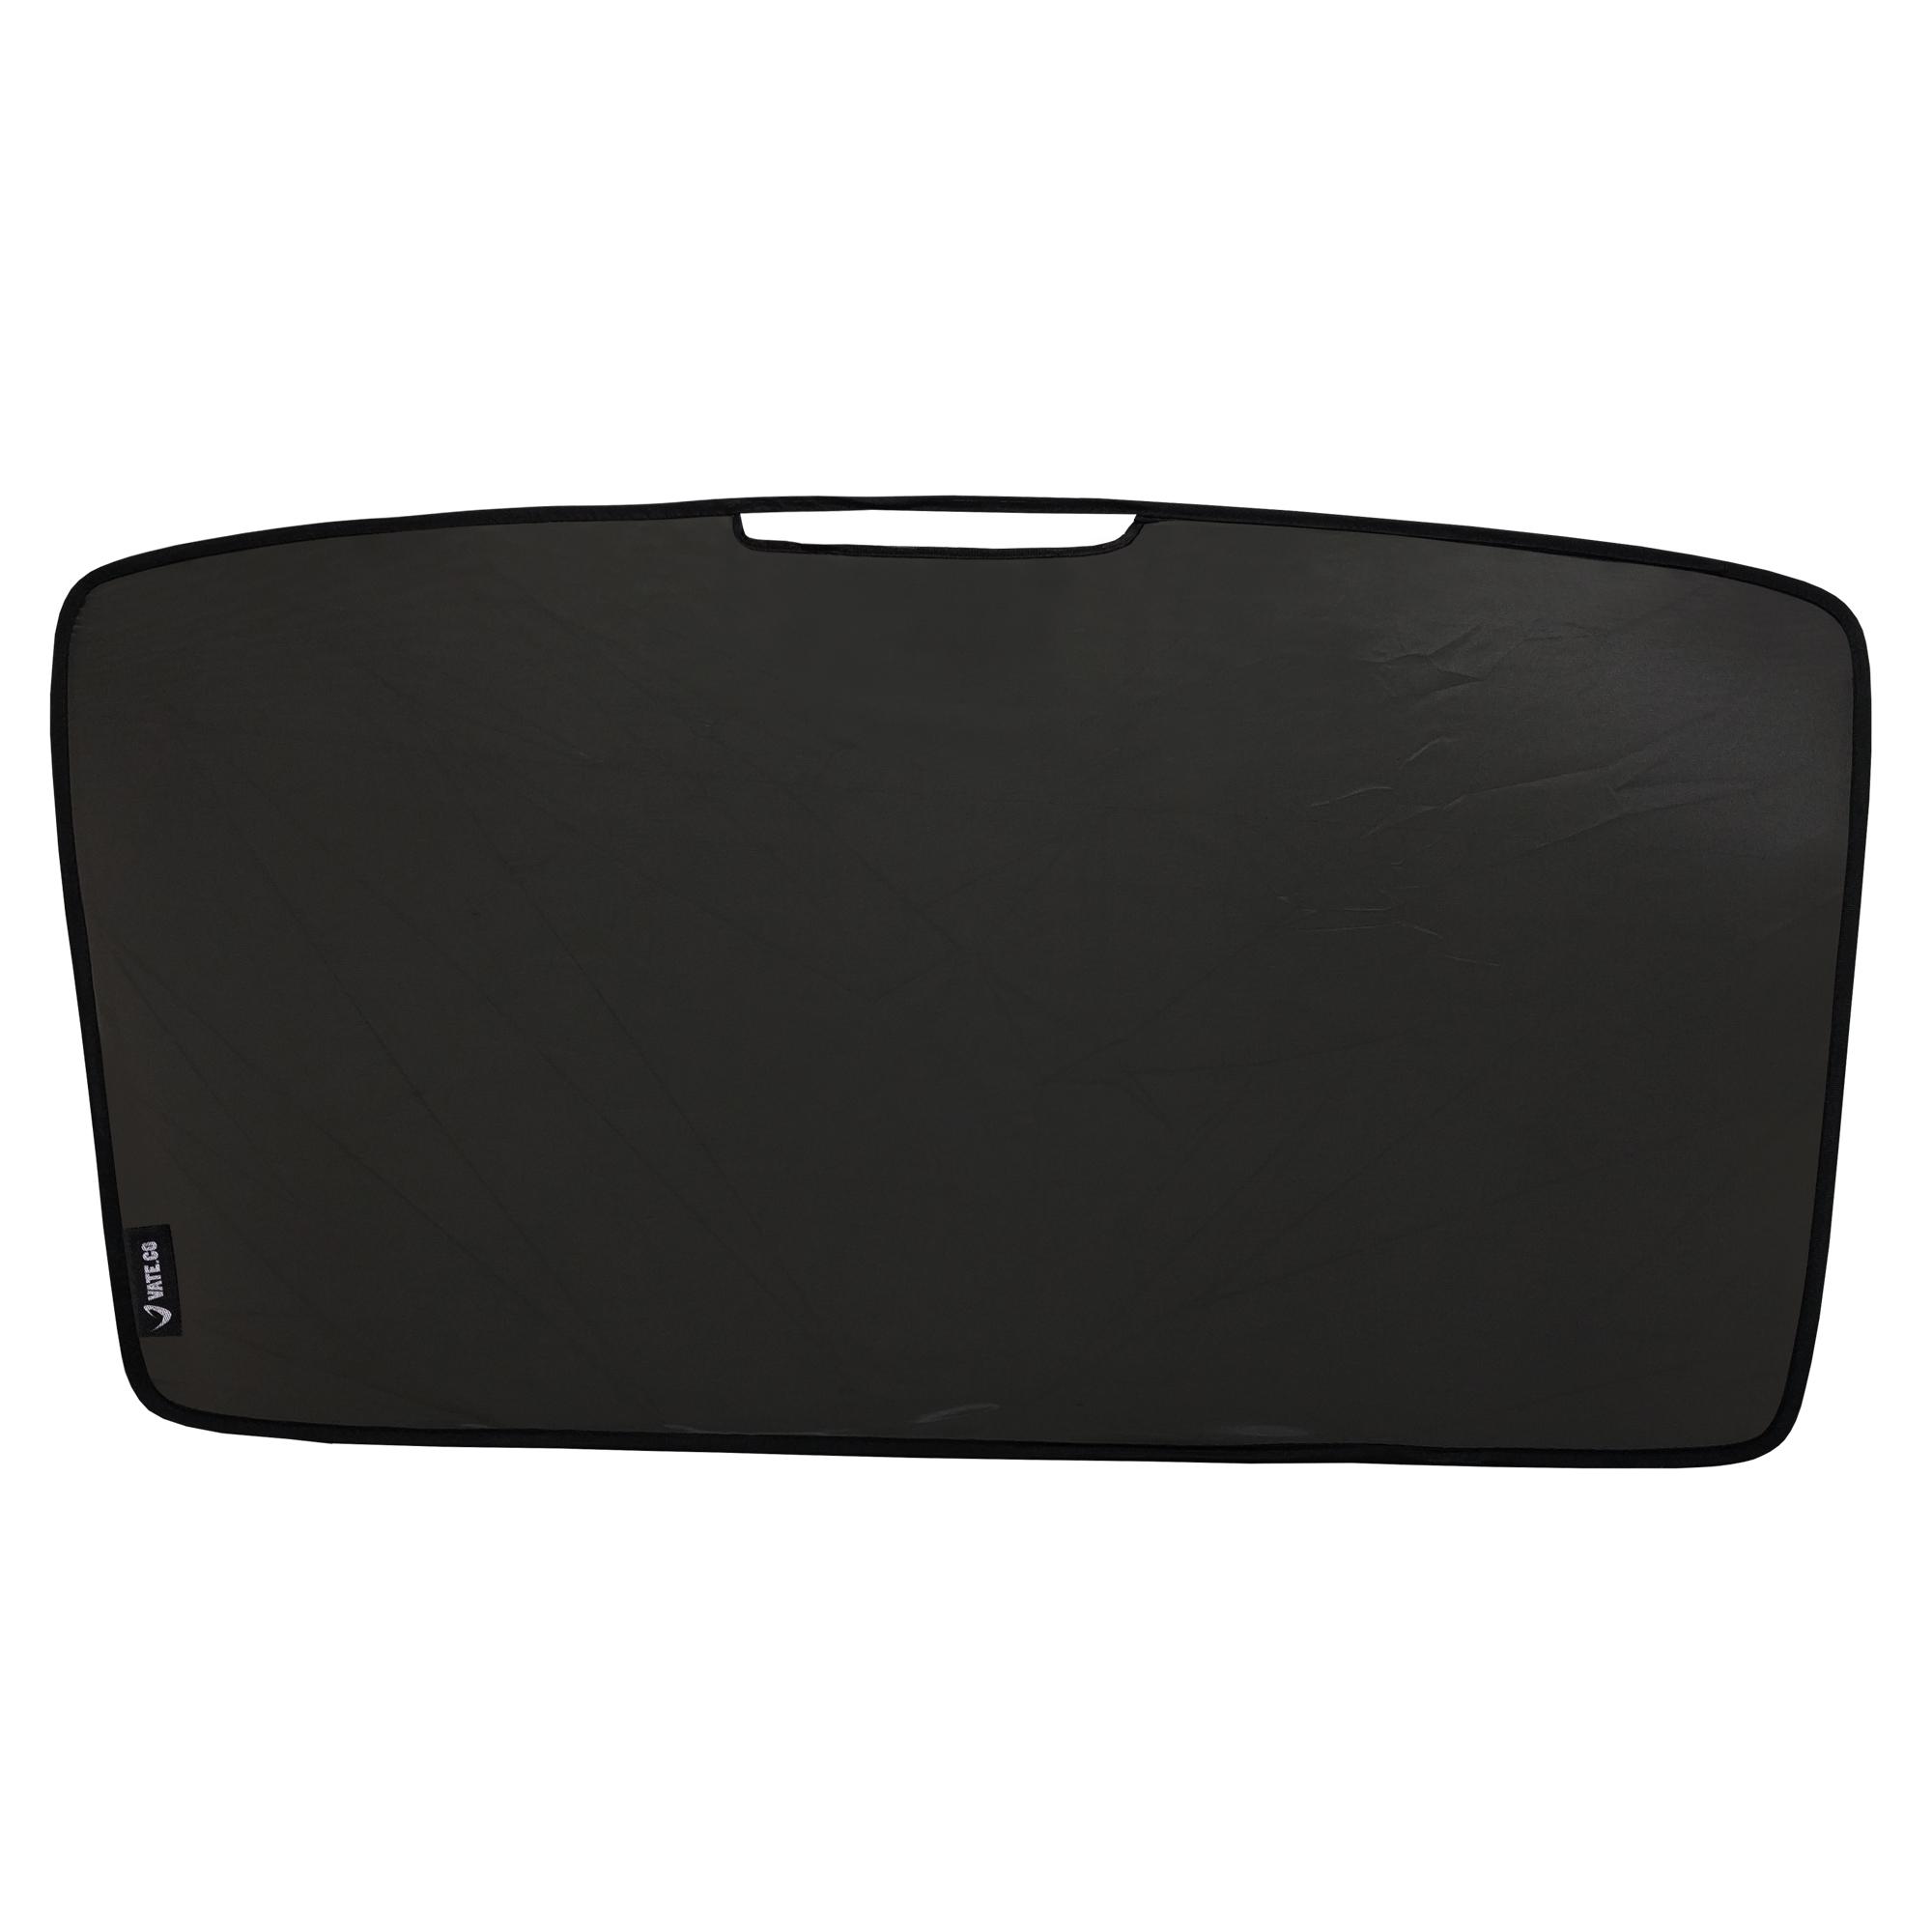 خرید آفتابگیر شیشه عقب خودرو واته.کو مدل BX53 مناسب برای سمند